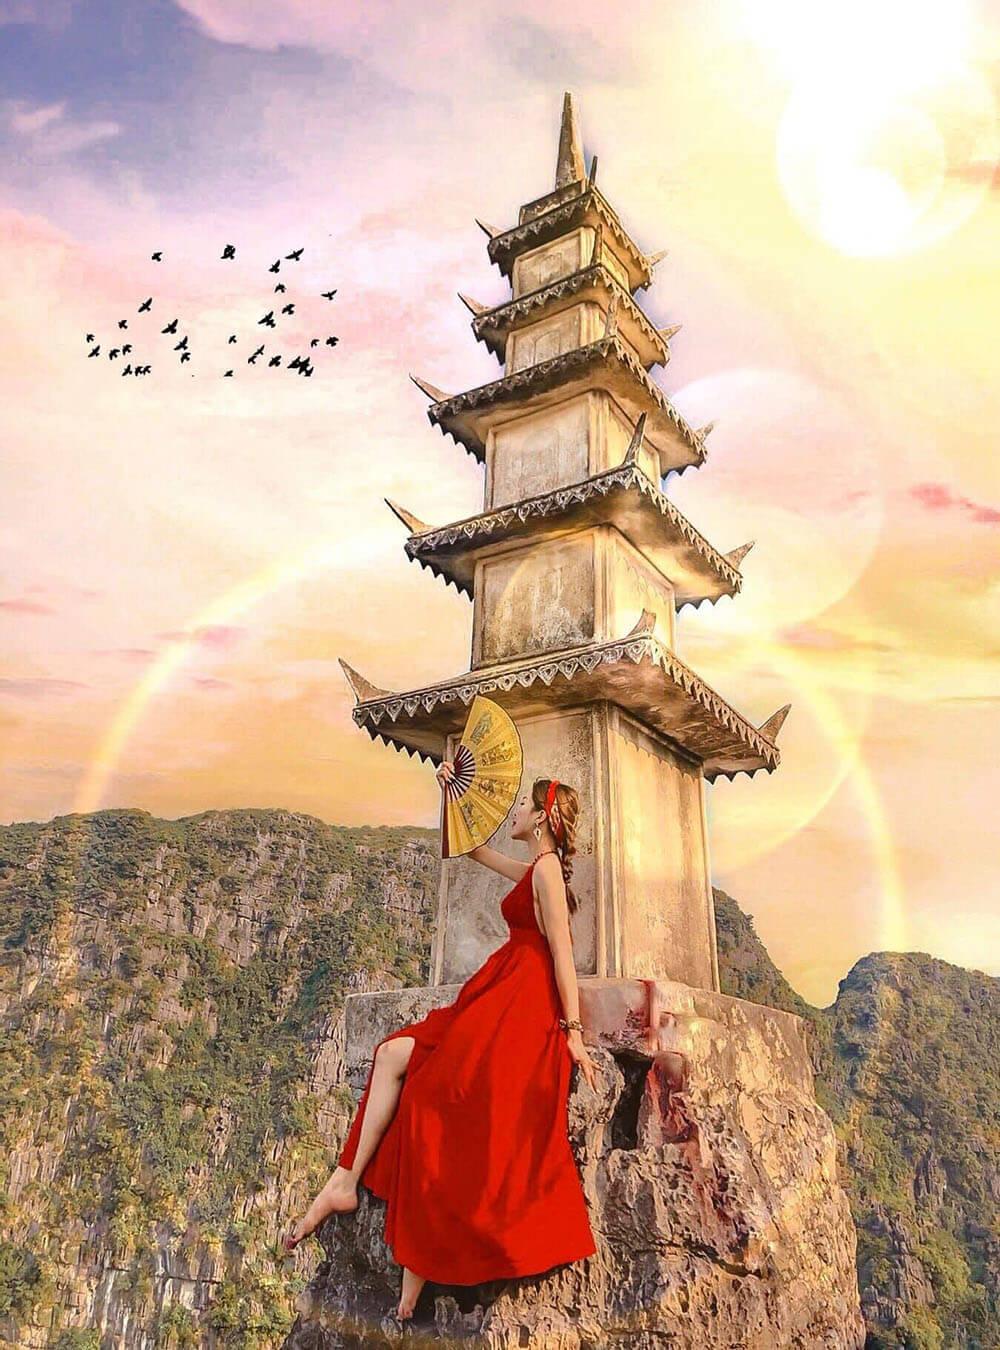 Hang Mua Ninh Binh Review Hue Da Nang Hoi An Ninh Binh 7n7d Chi Voi 8 Trieu Tin Duoc Khong 04